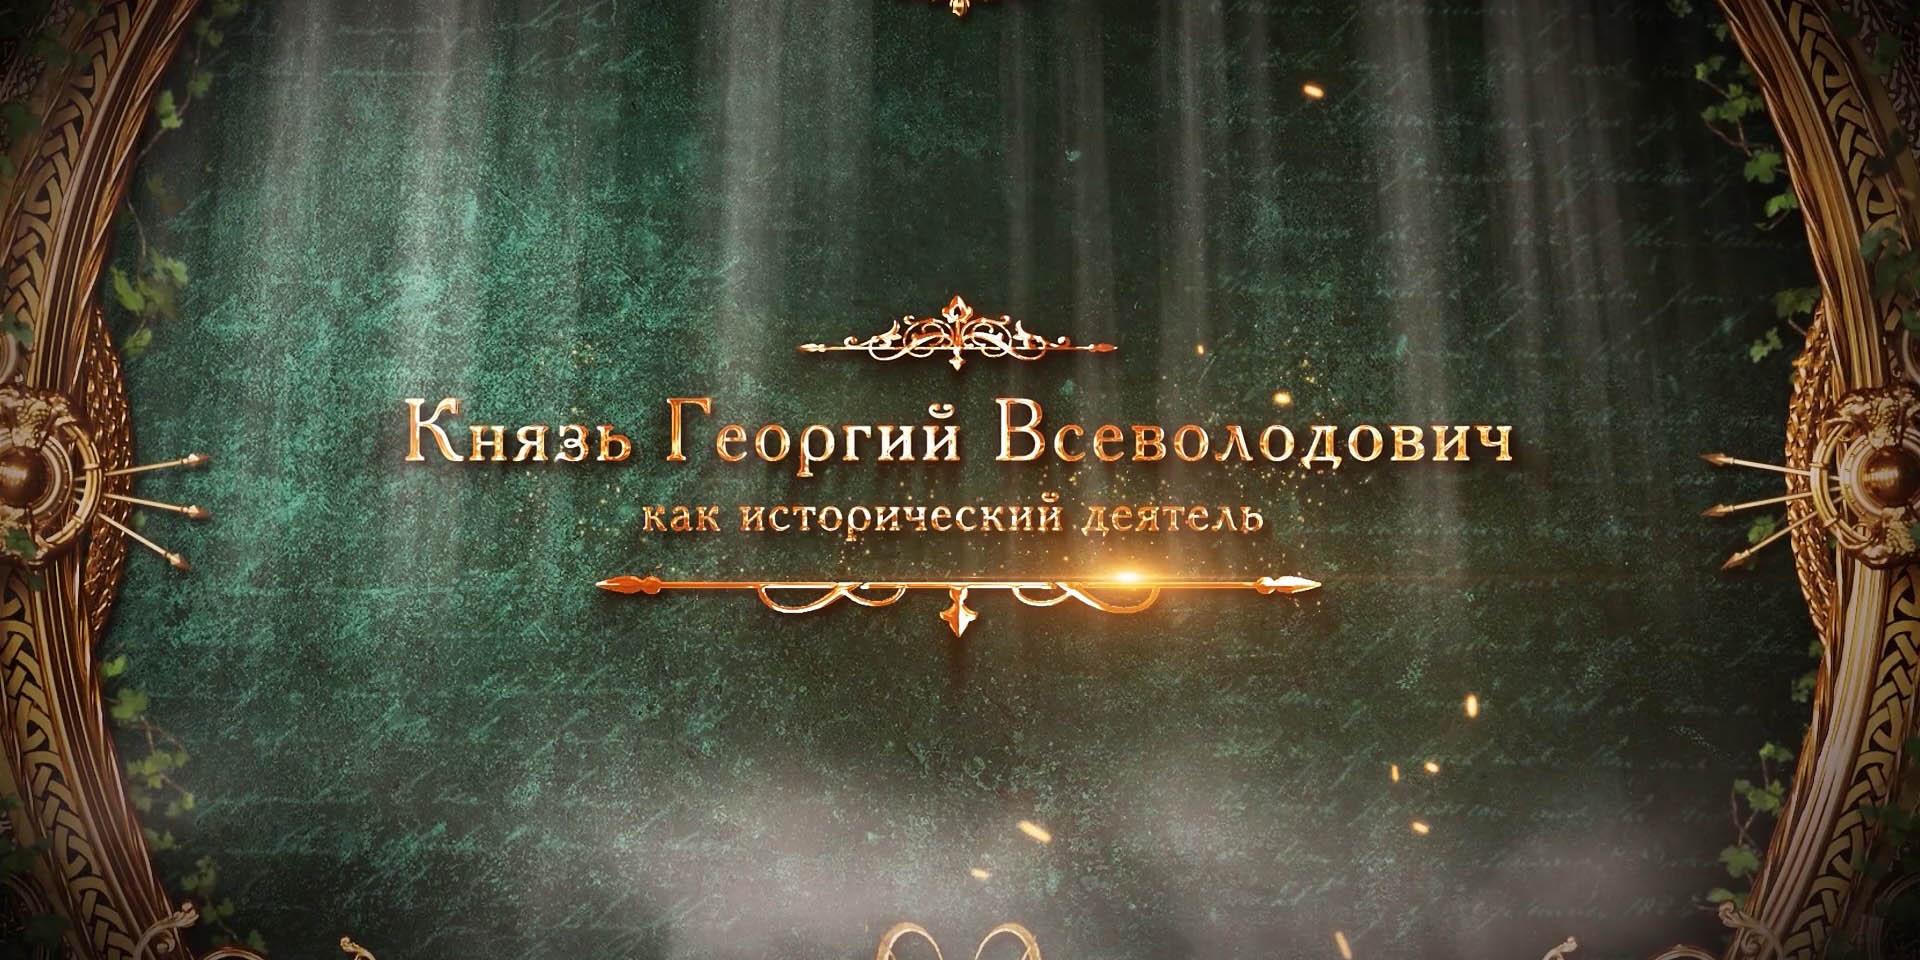 А.А. Кузнецов и Д.В. Семикопов «Князь Георгий Всеволодович как исторический деятель»